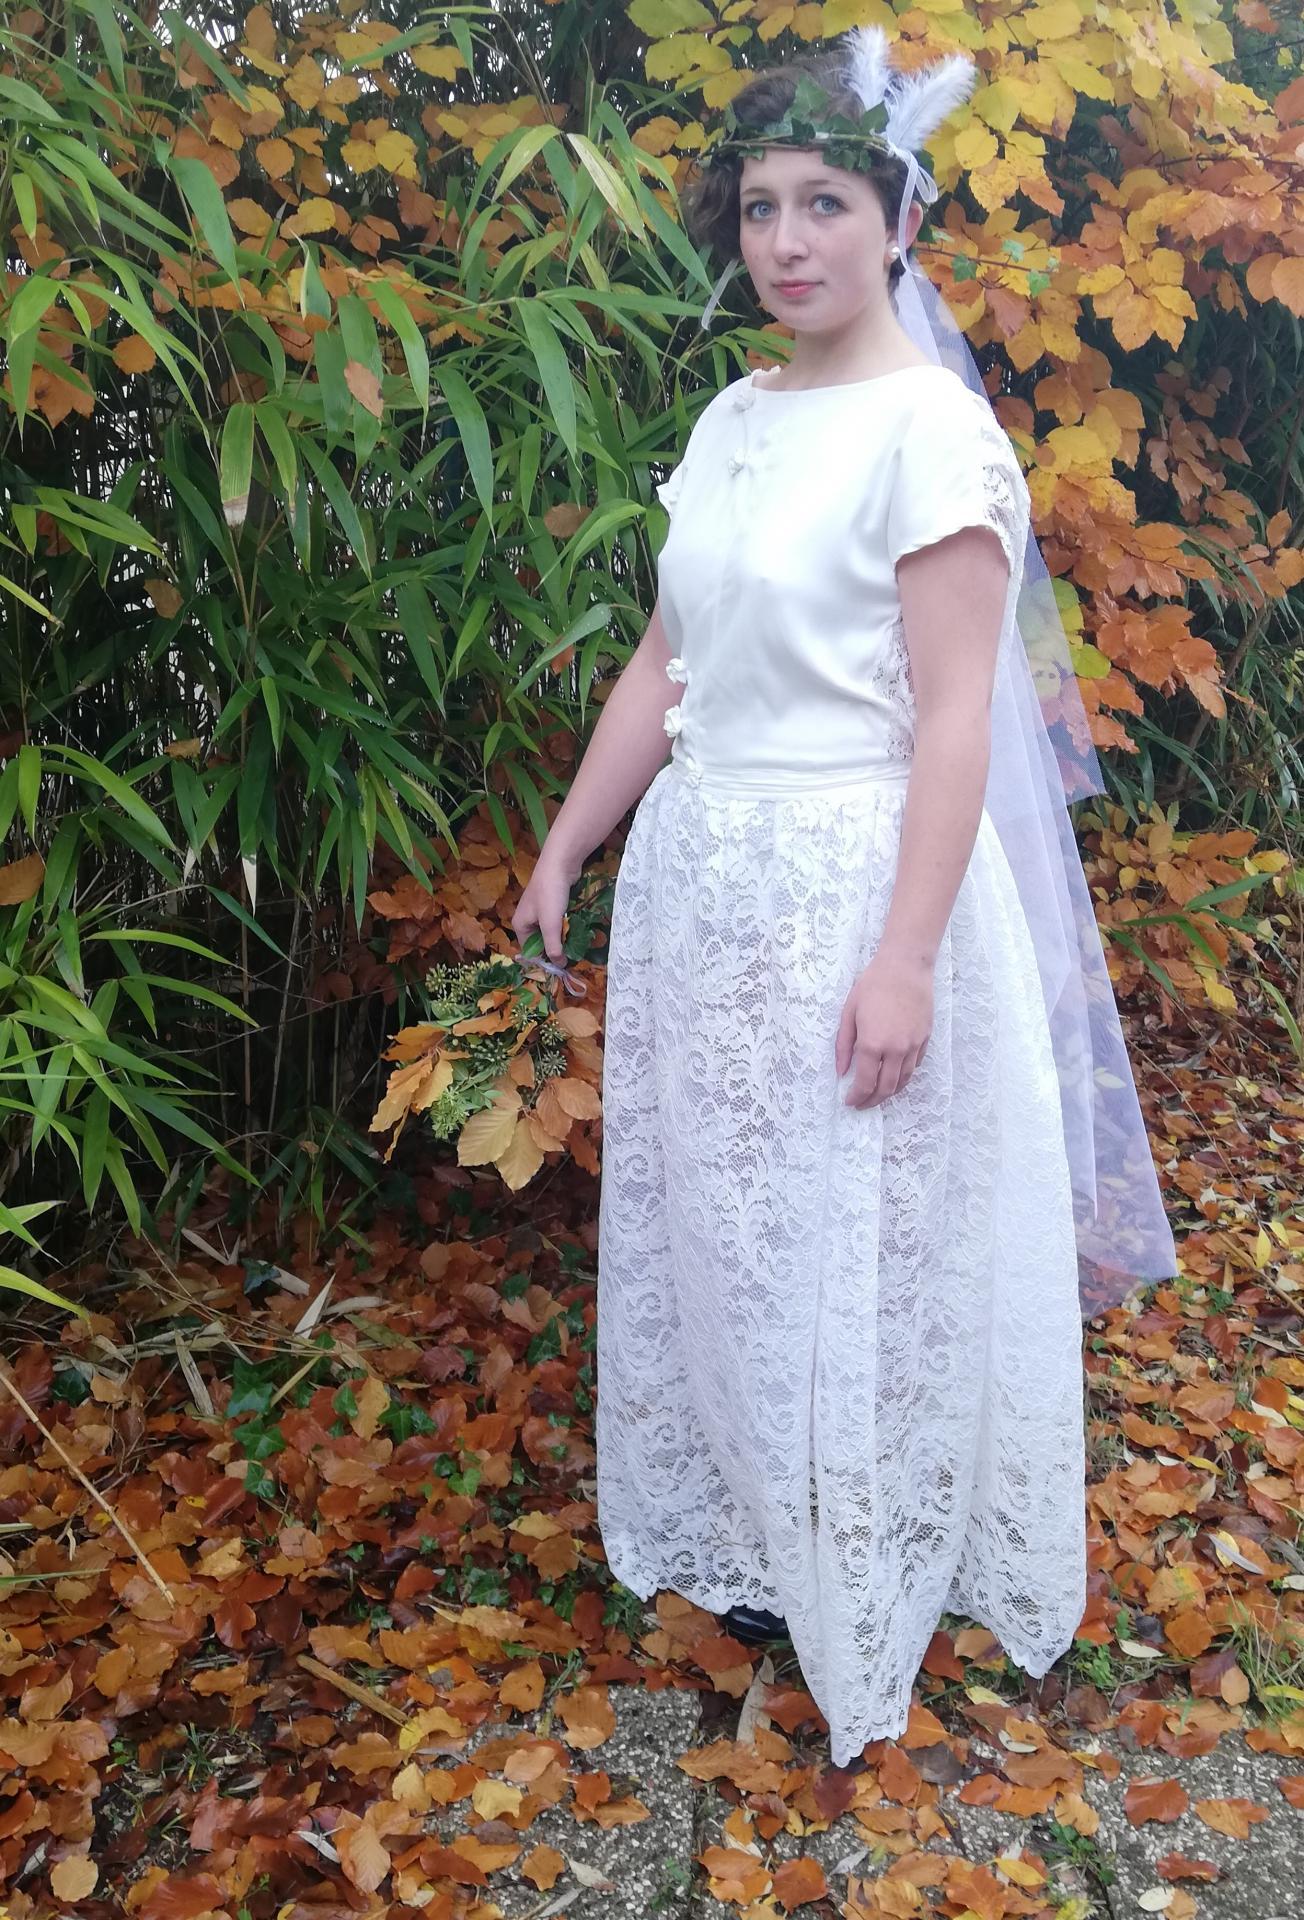 Robe de mariee reversible dentelle tulle et viscose rose faconnee a la main avec un coeur de nacre couronne fleurs et plumes fifi au jardin pose 8